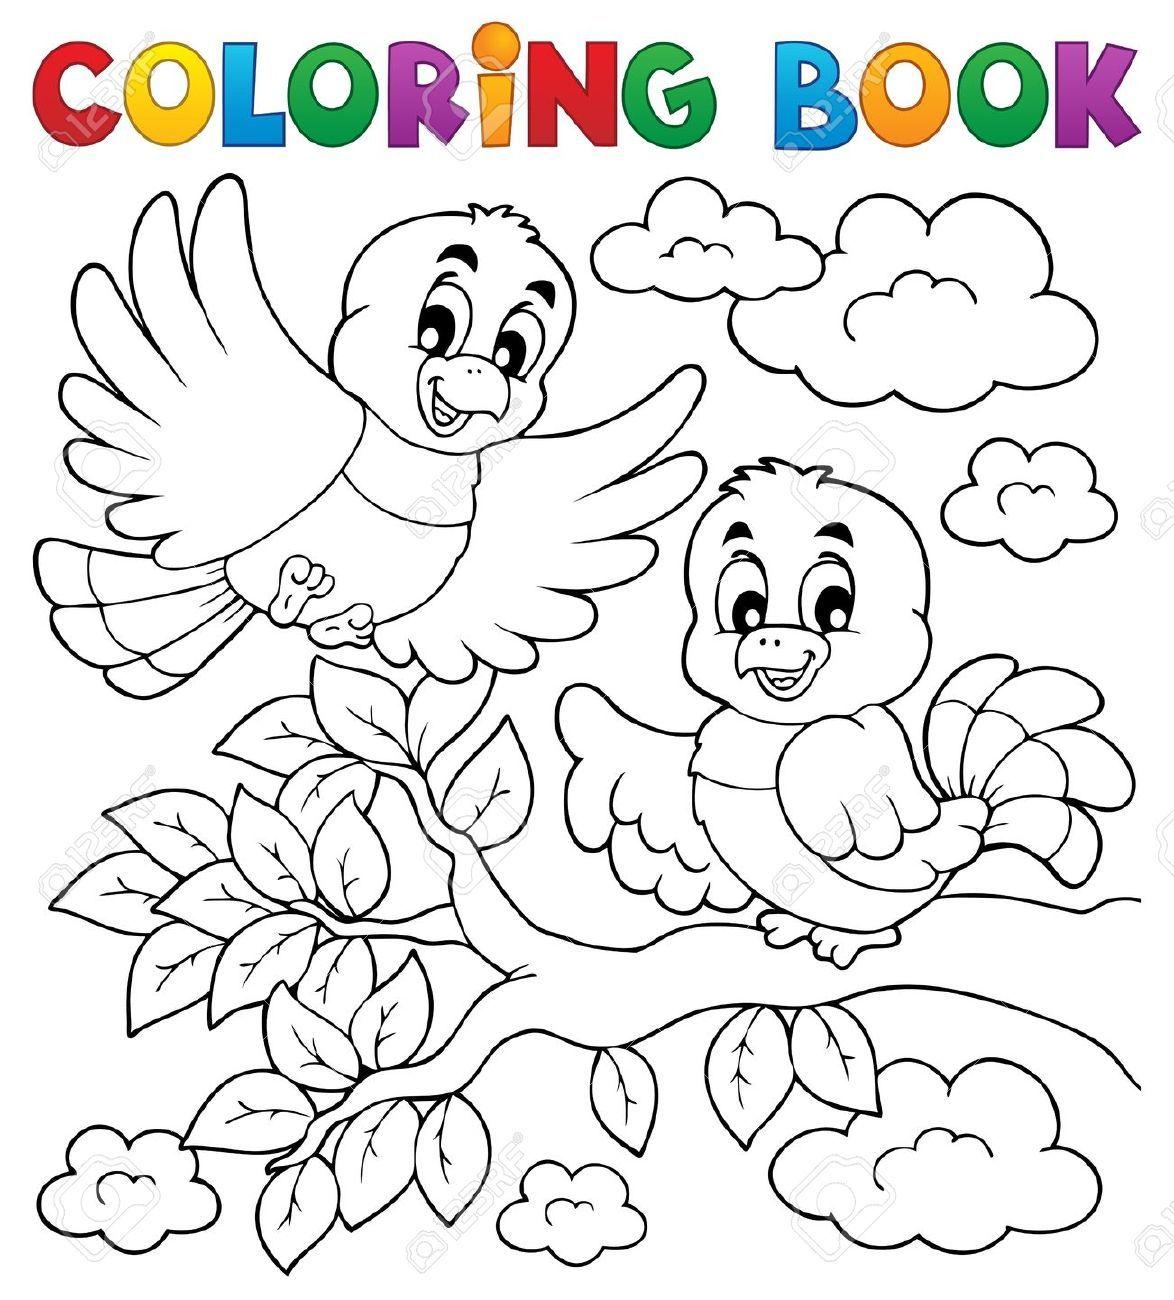 18088646-coloring-book-bird-theme-2-vector-illustration-colouring ...